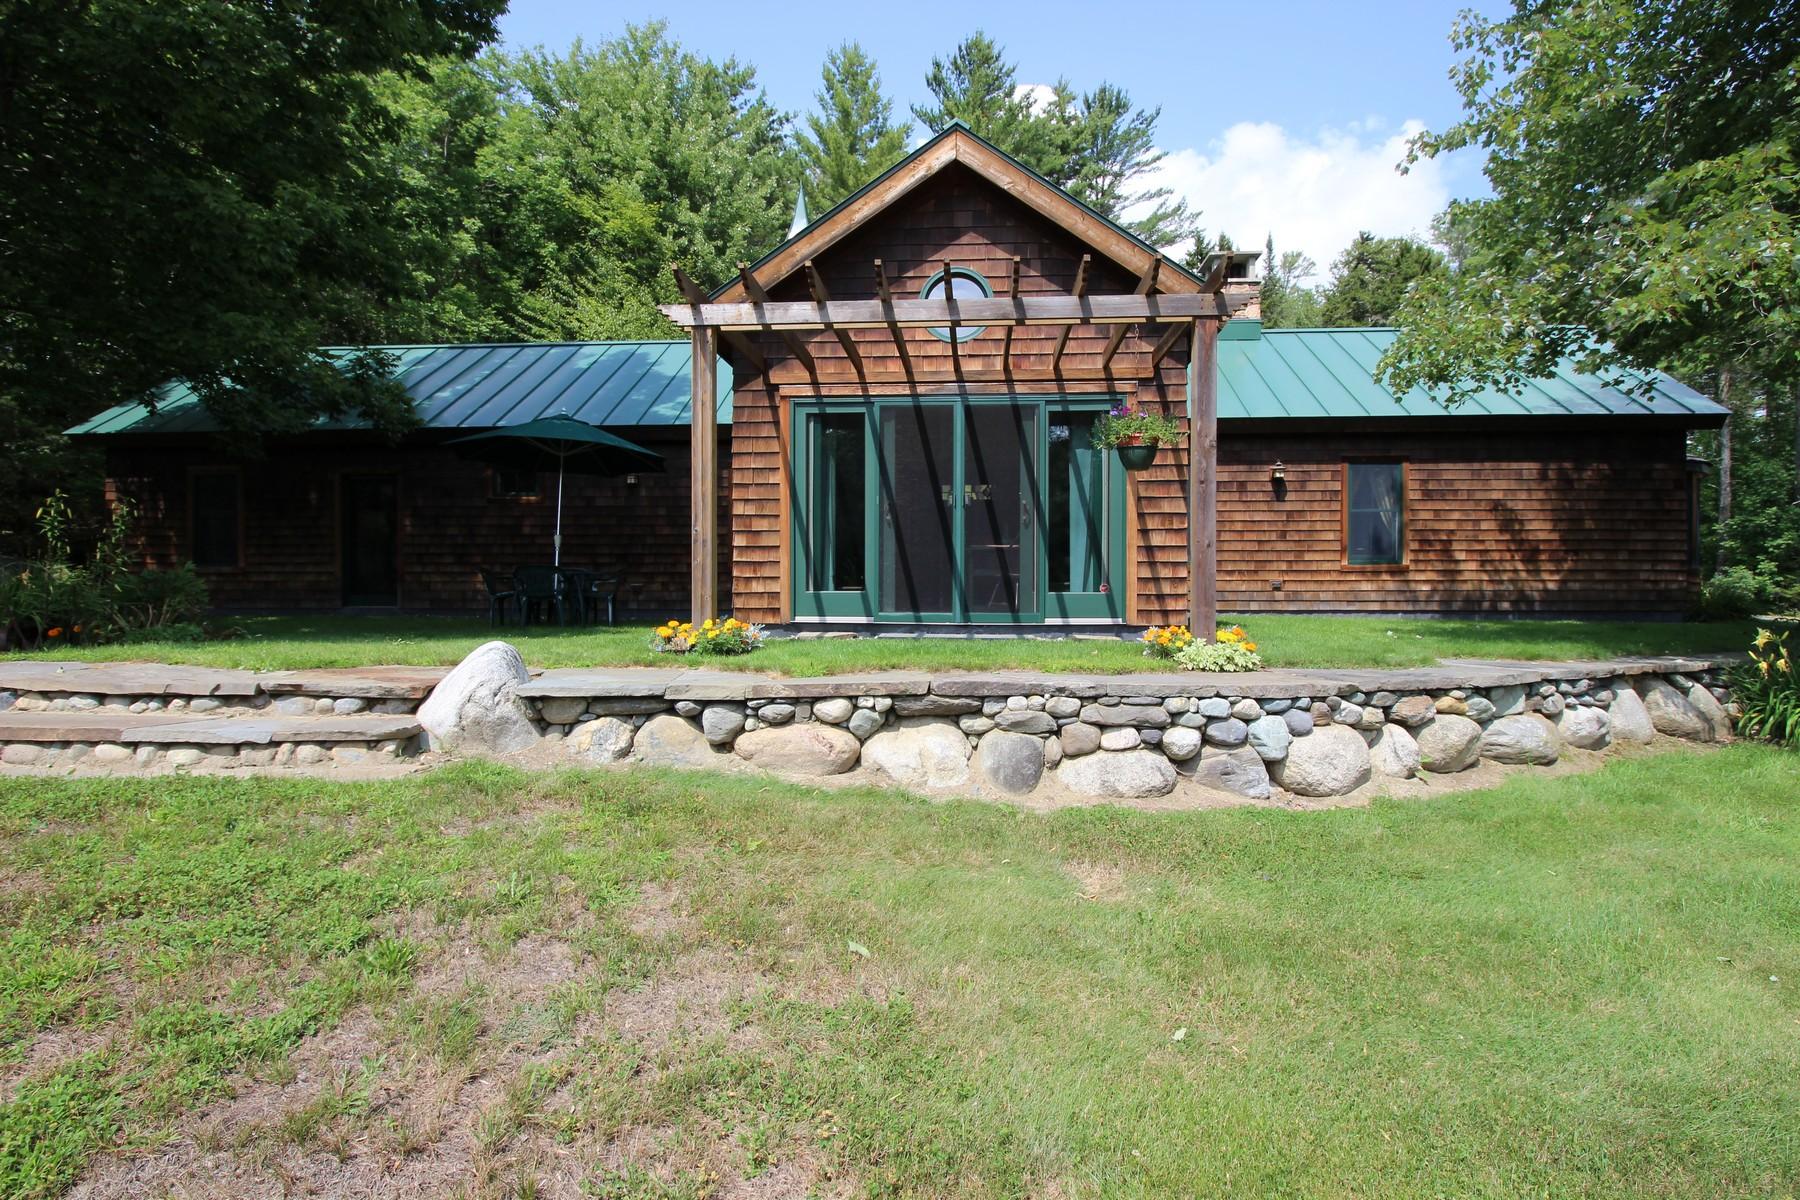 Maison unifamiliale pour l Vente à 193 Wilbur Road, Woodbury 193 Wilbur Rd Woodbury, Vermont 05860 États-Unis